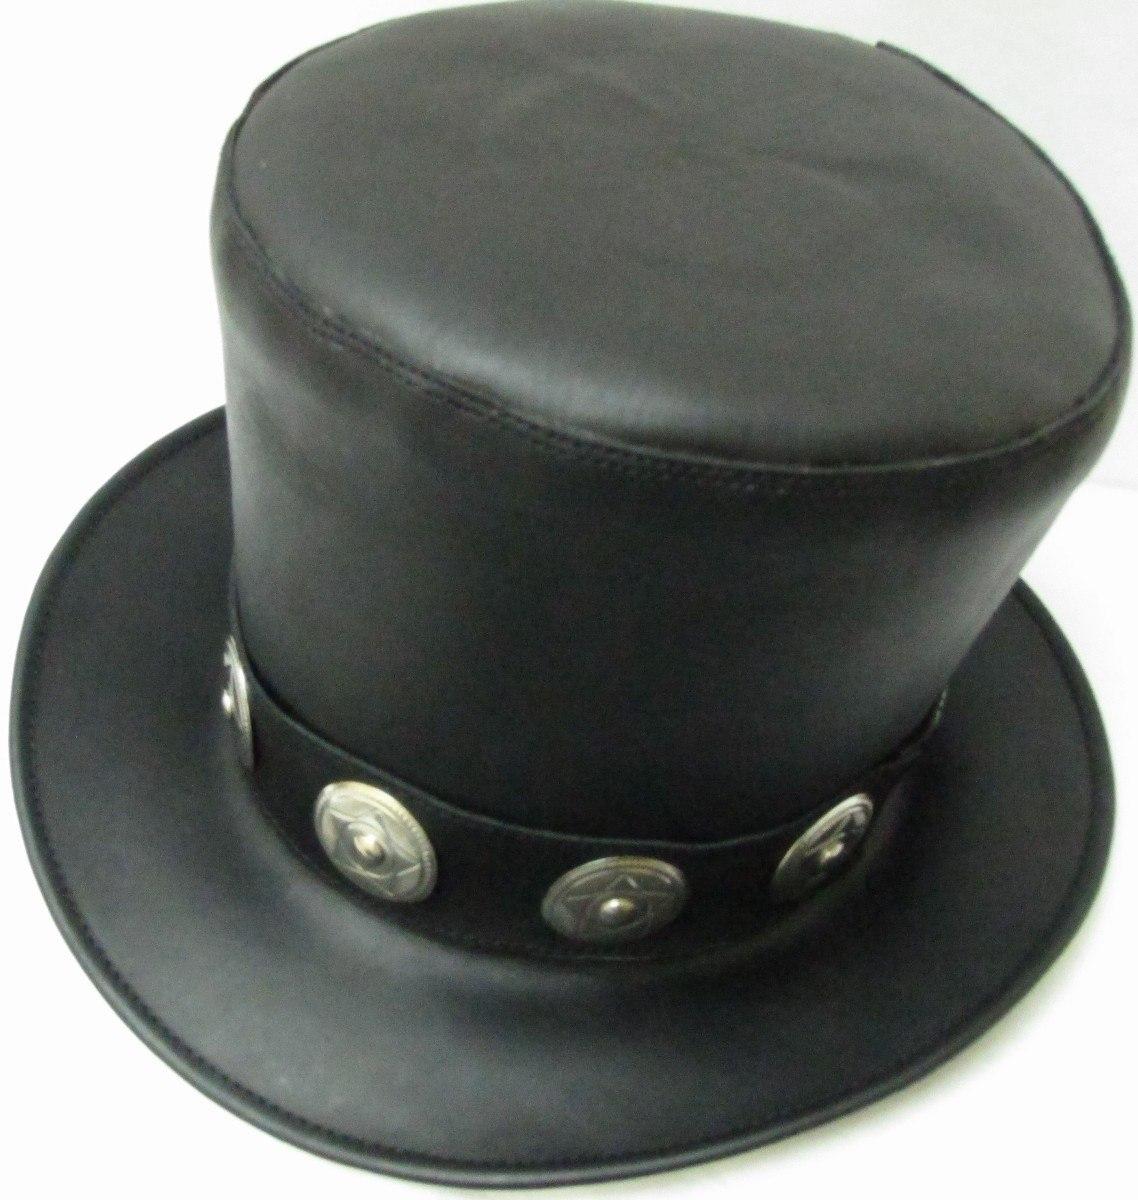 Sombrero De Piel Estilo Slash -   720.00 en Mercado Libre 8f9bf94694e